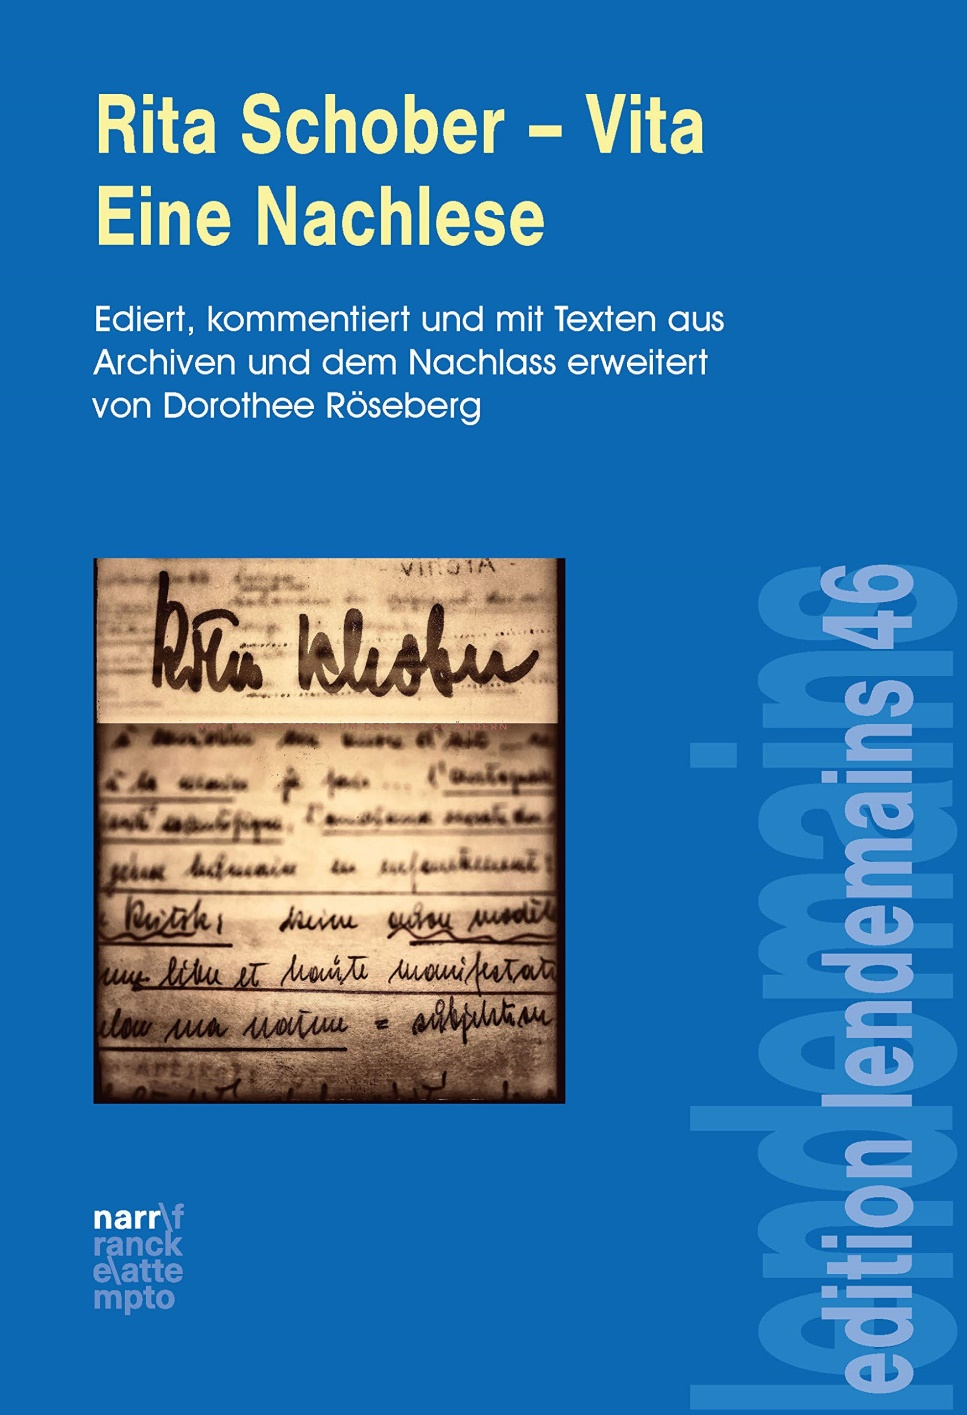 Compte rendu de lecture : Rita Schober Vita – Eine Nachlese